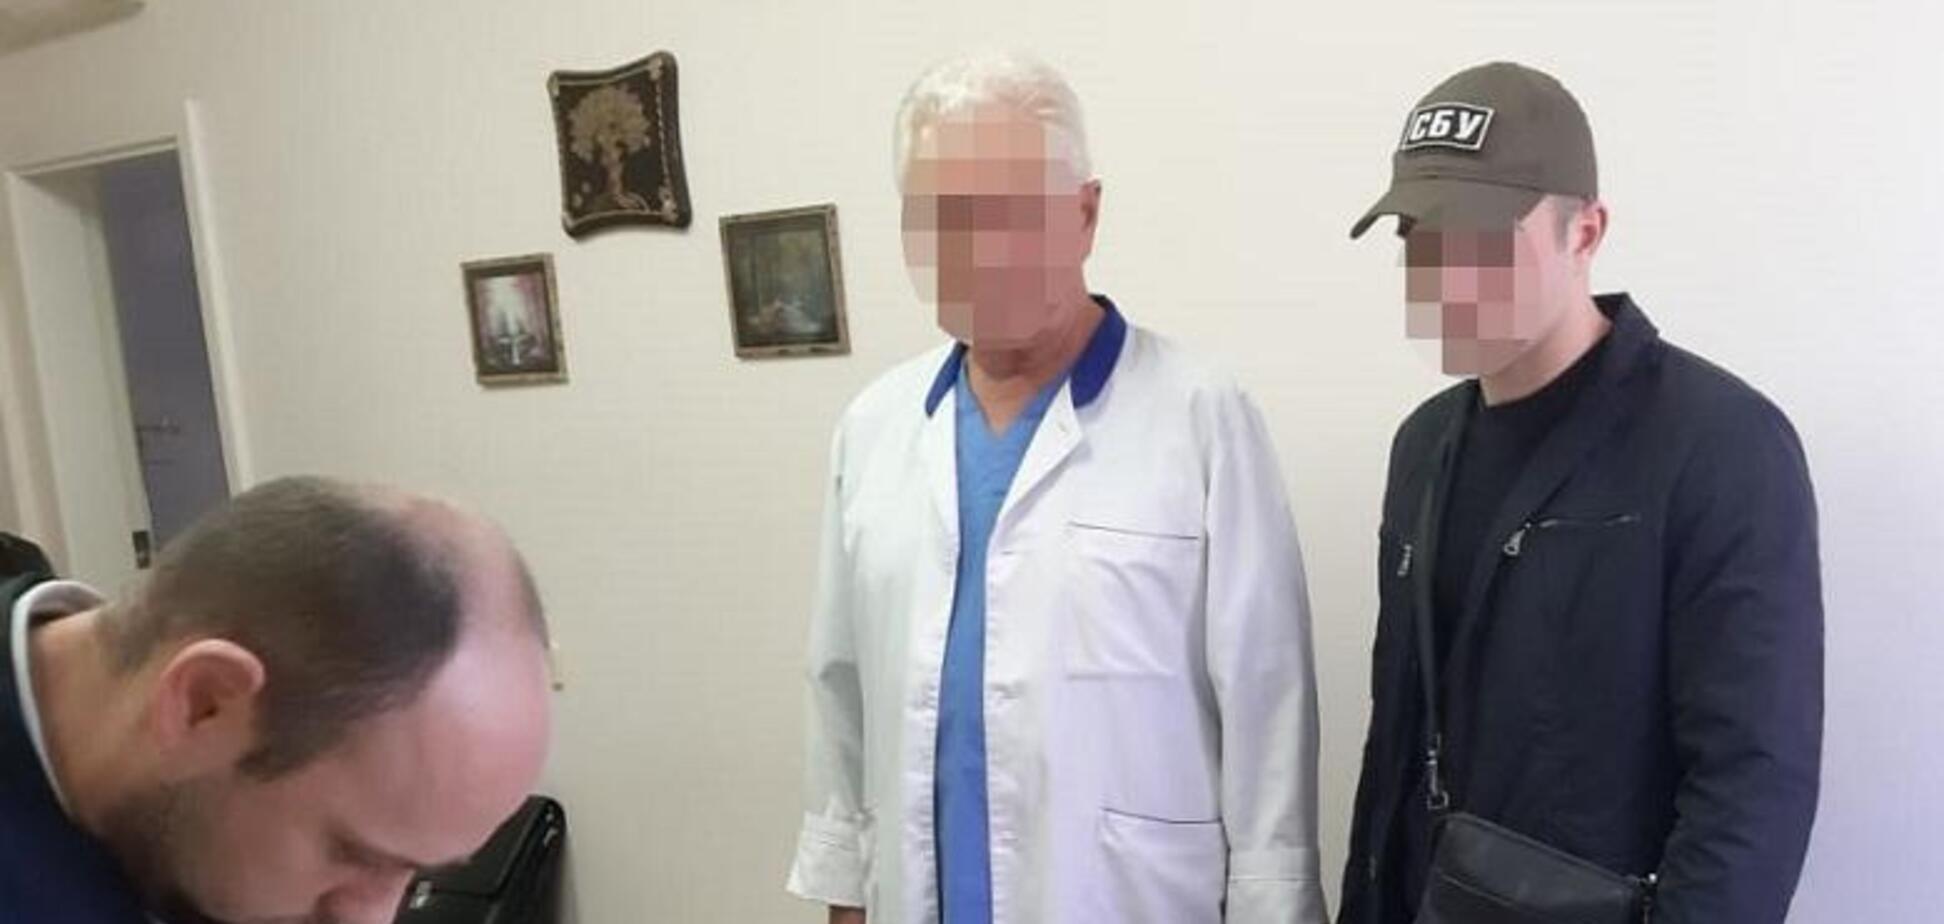 $2000 за довідку: у Києві лікар вимагав хабар у онкохворого